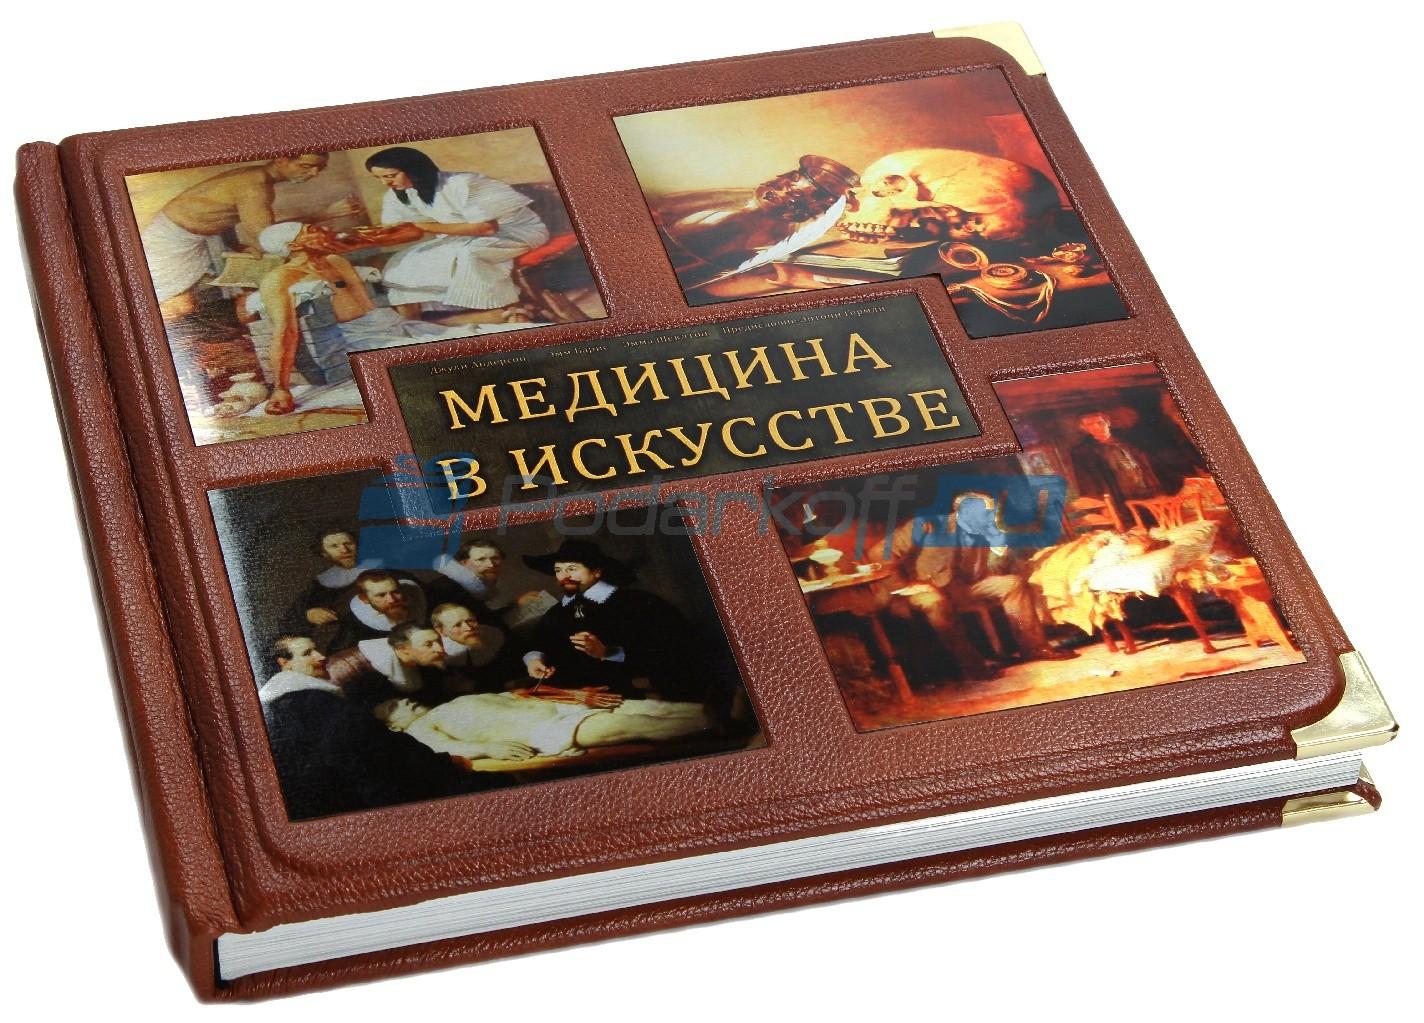 Интернет-магазин необычных подарков - ЛЮБЛЮ ДАРИТЬ 61